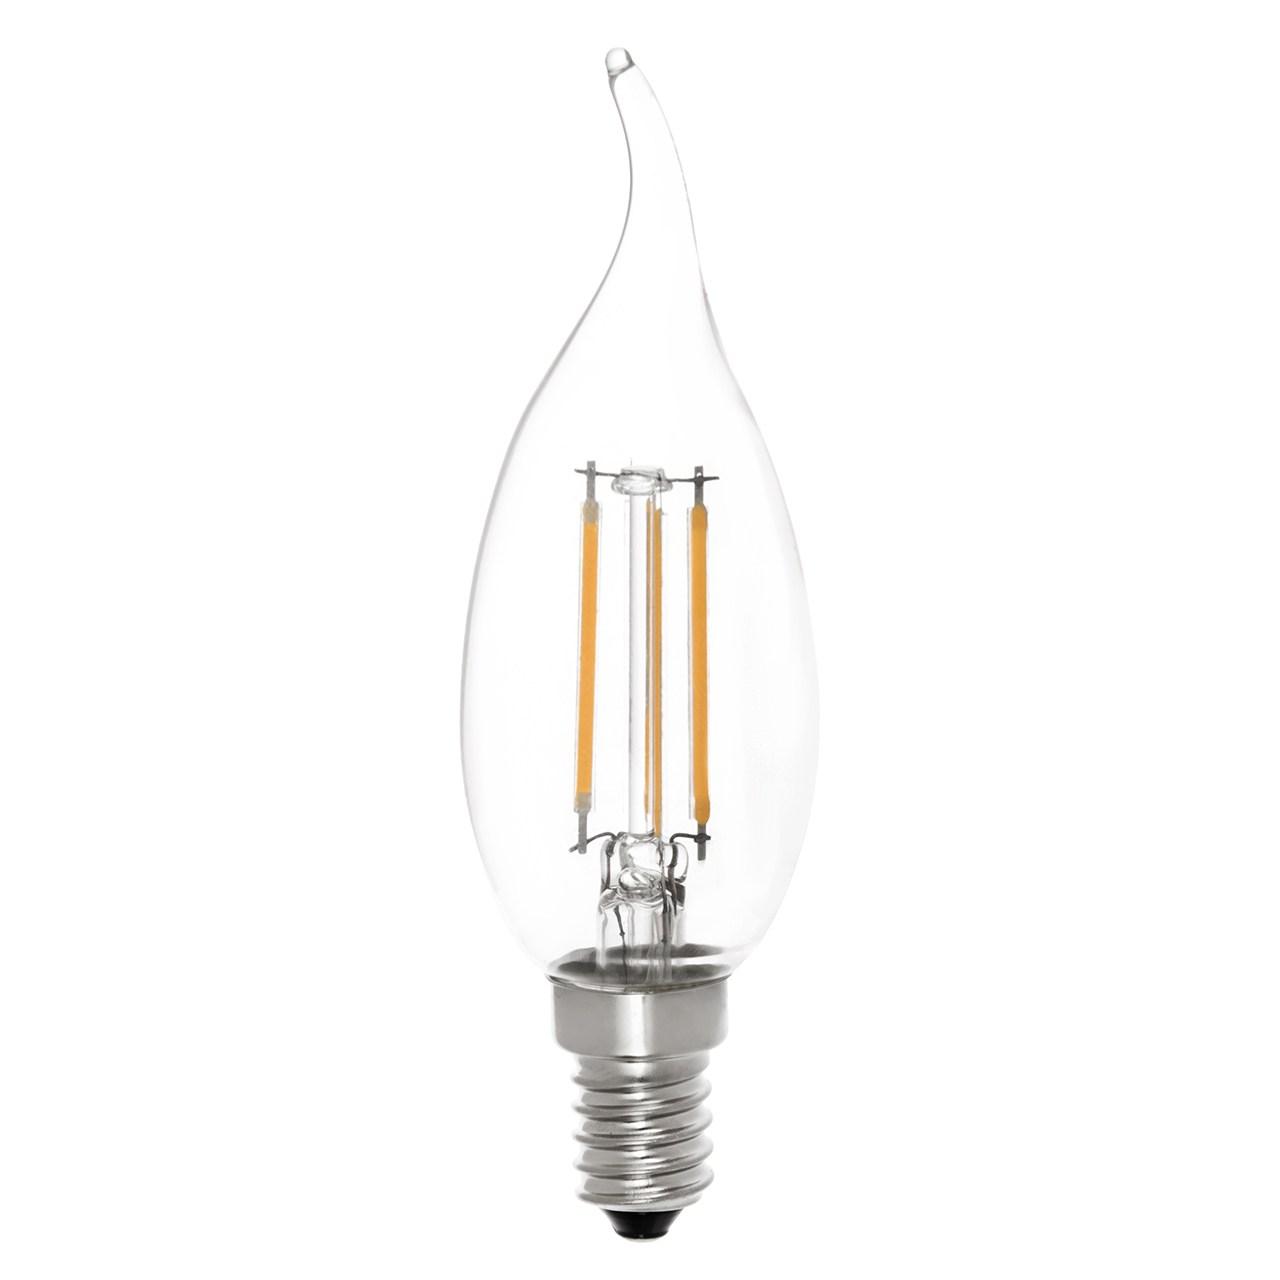 لامپ ال ای دی فیلامنتی 4 وات سان شاین پایه E14